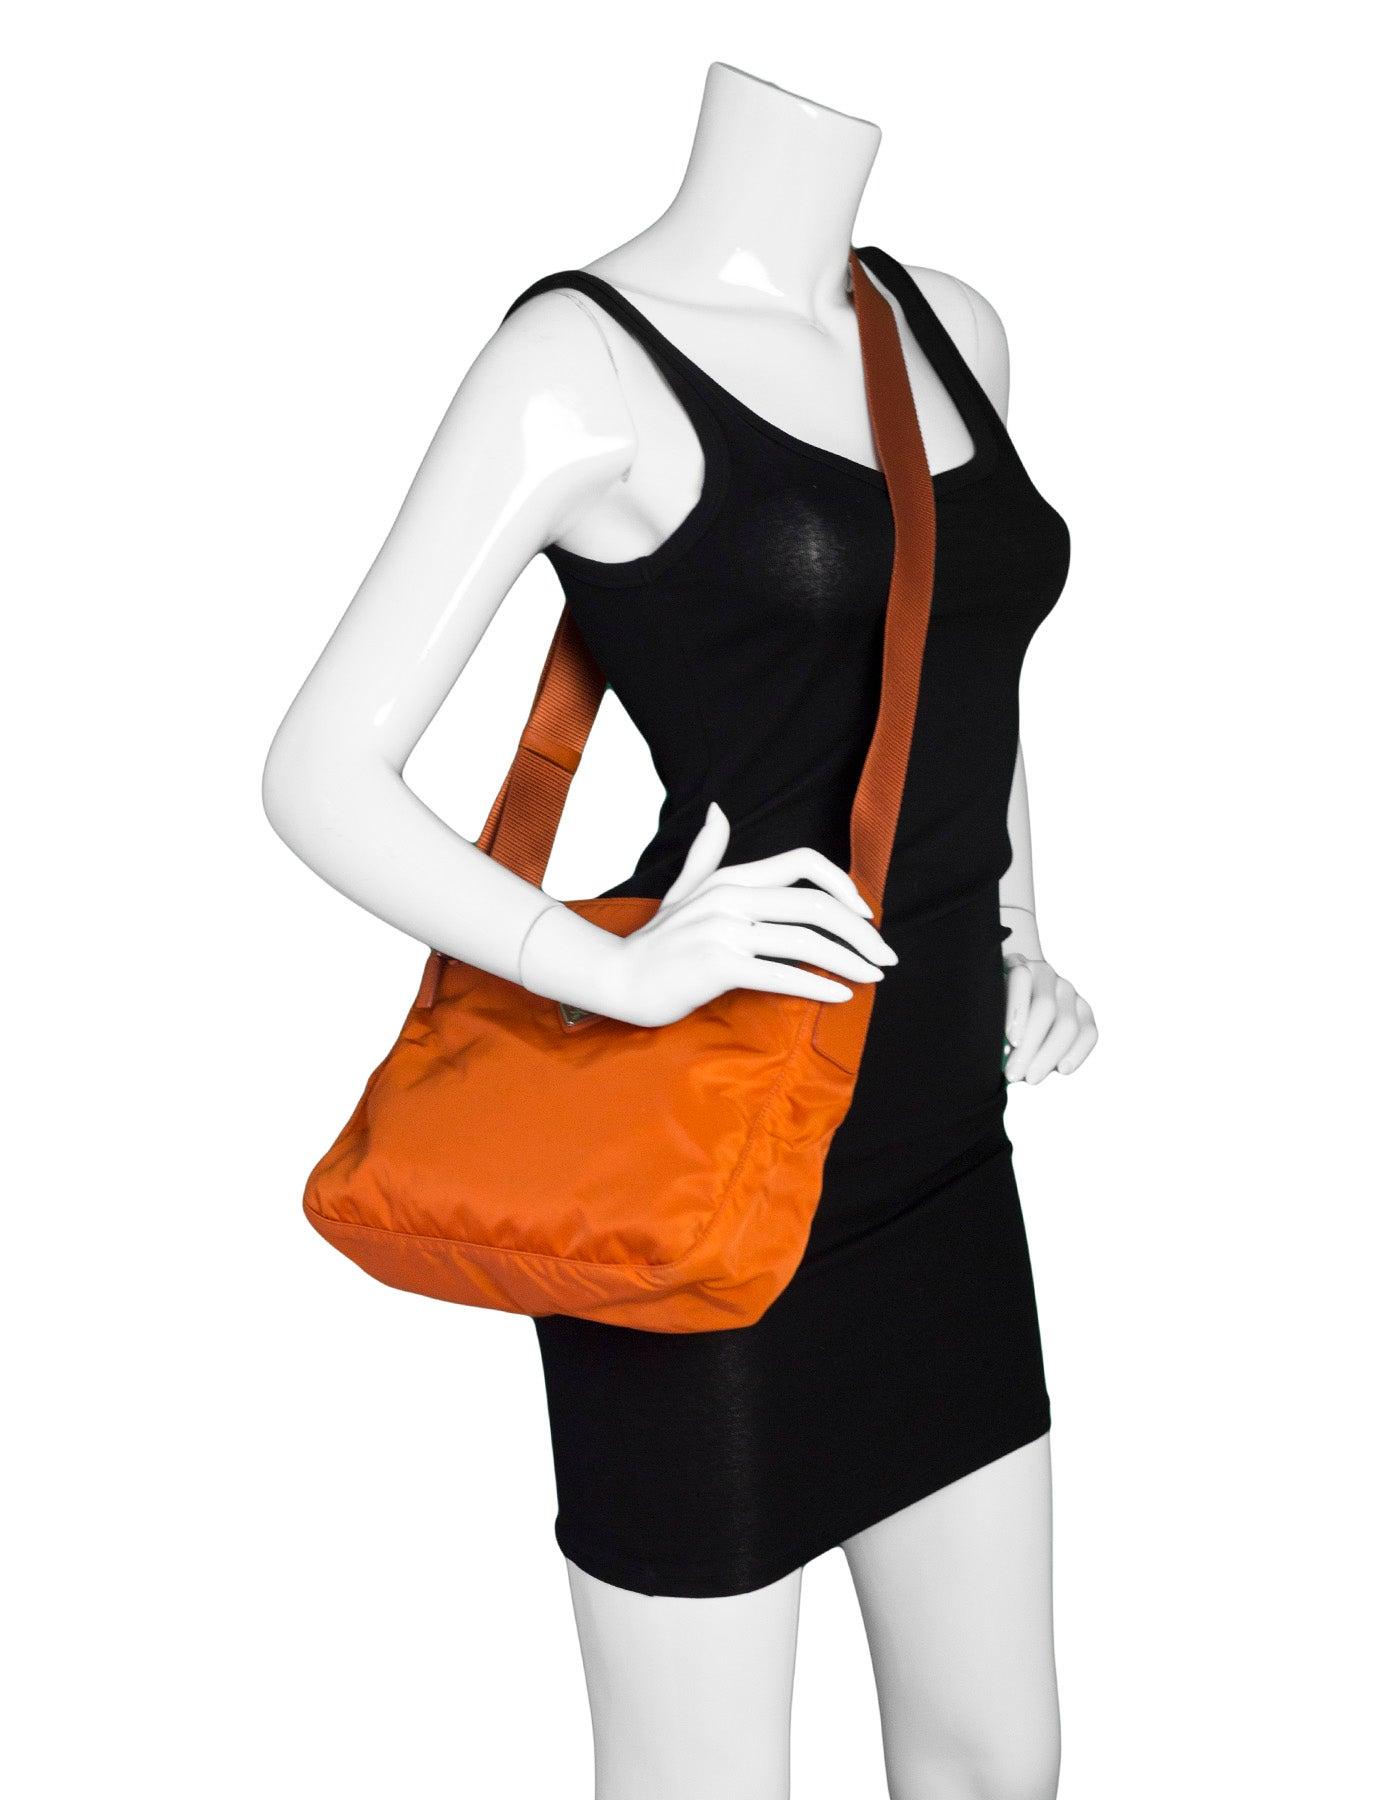 b511d71157a1e7 ... czech prada orange tessuto nylon messenger crossbody bag for sale at  1stdibs 8a6c7 ad43e